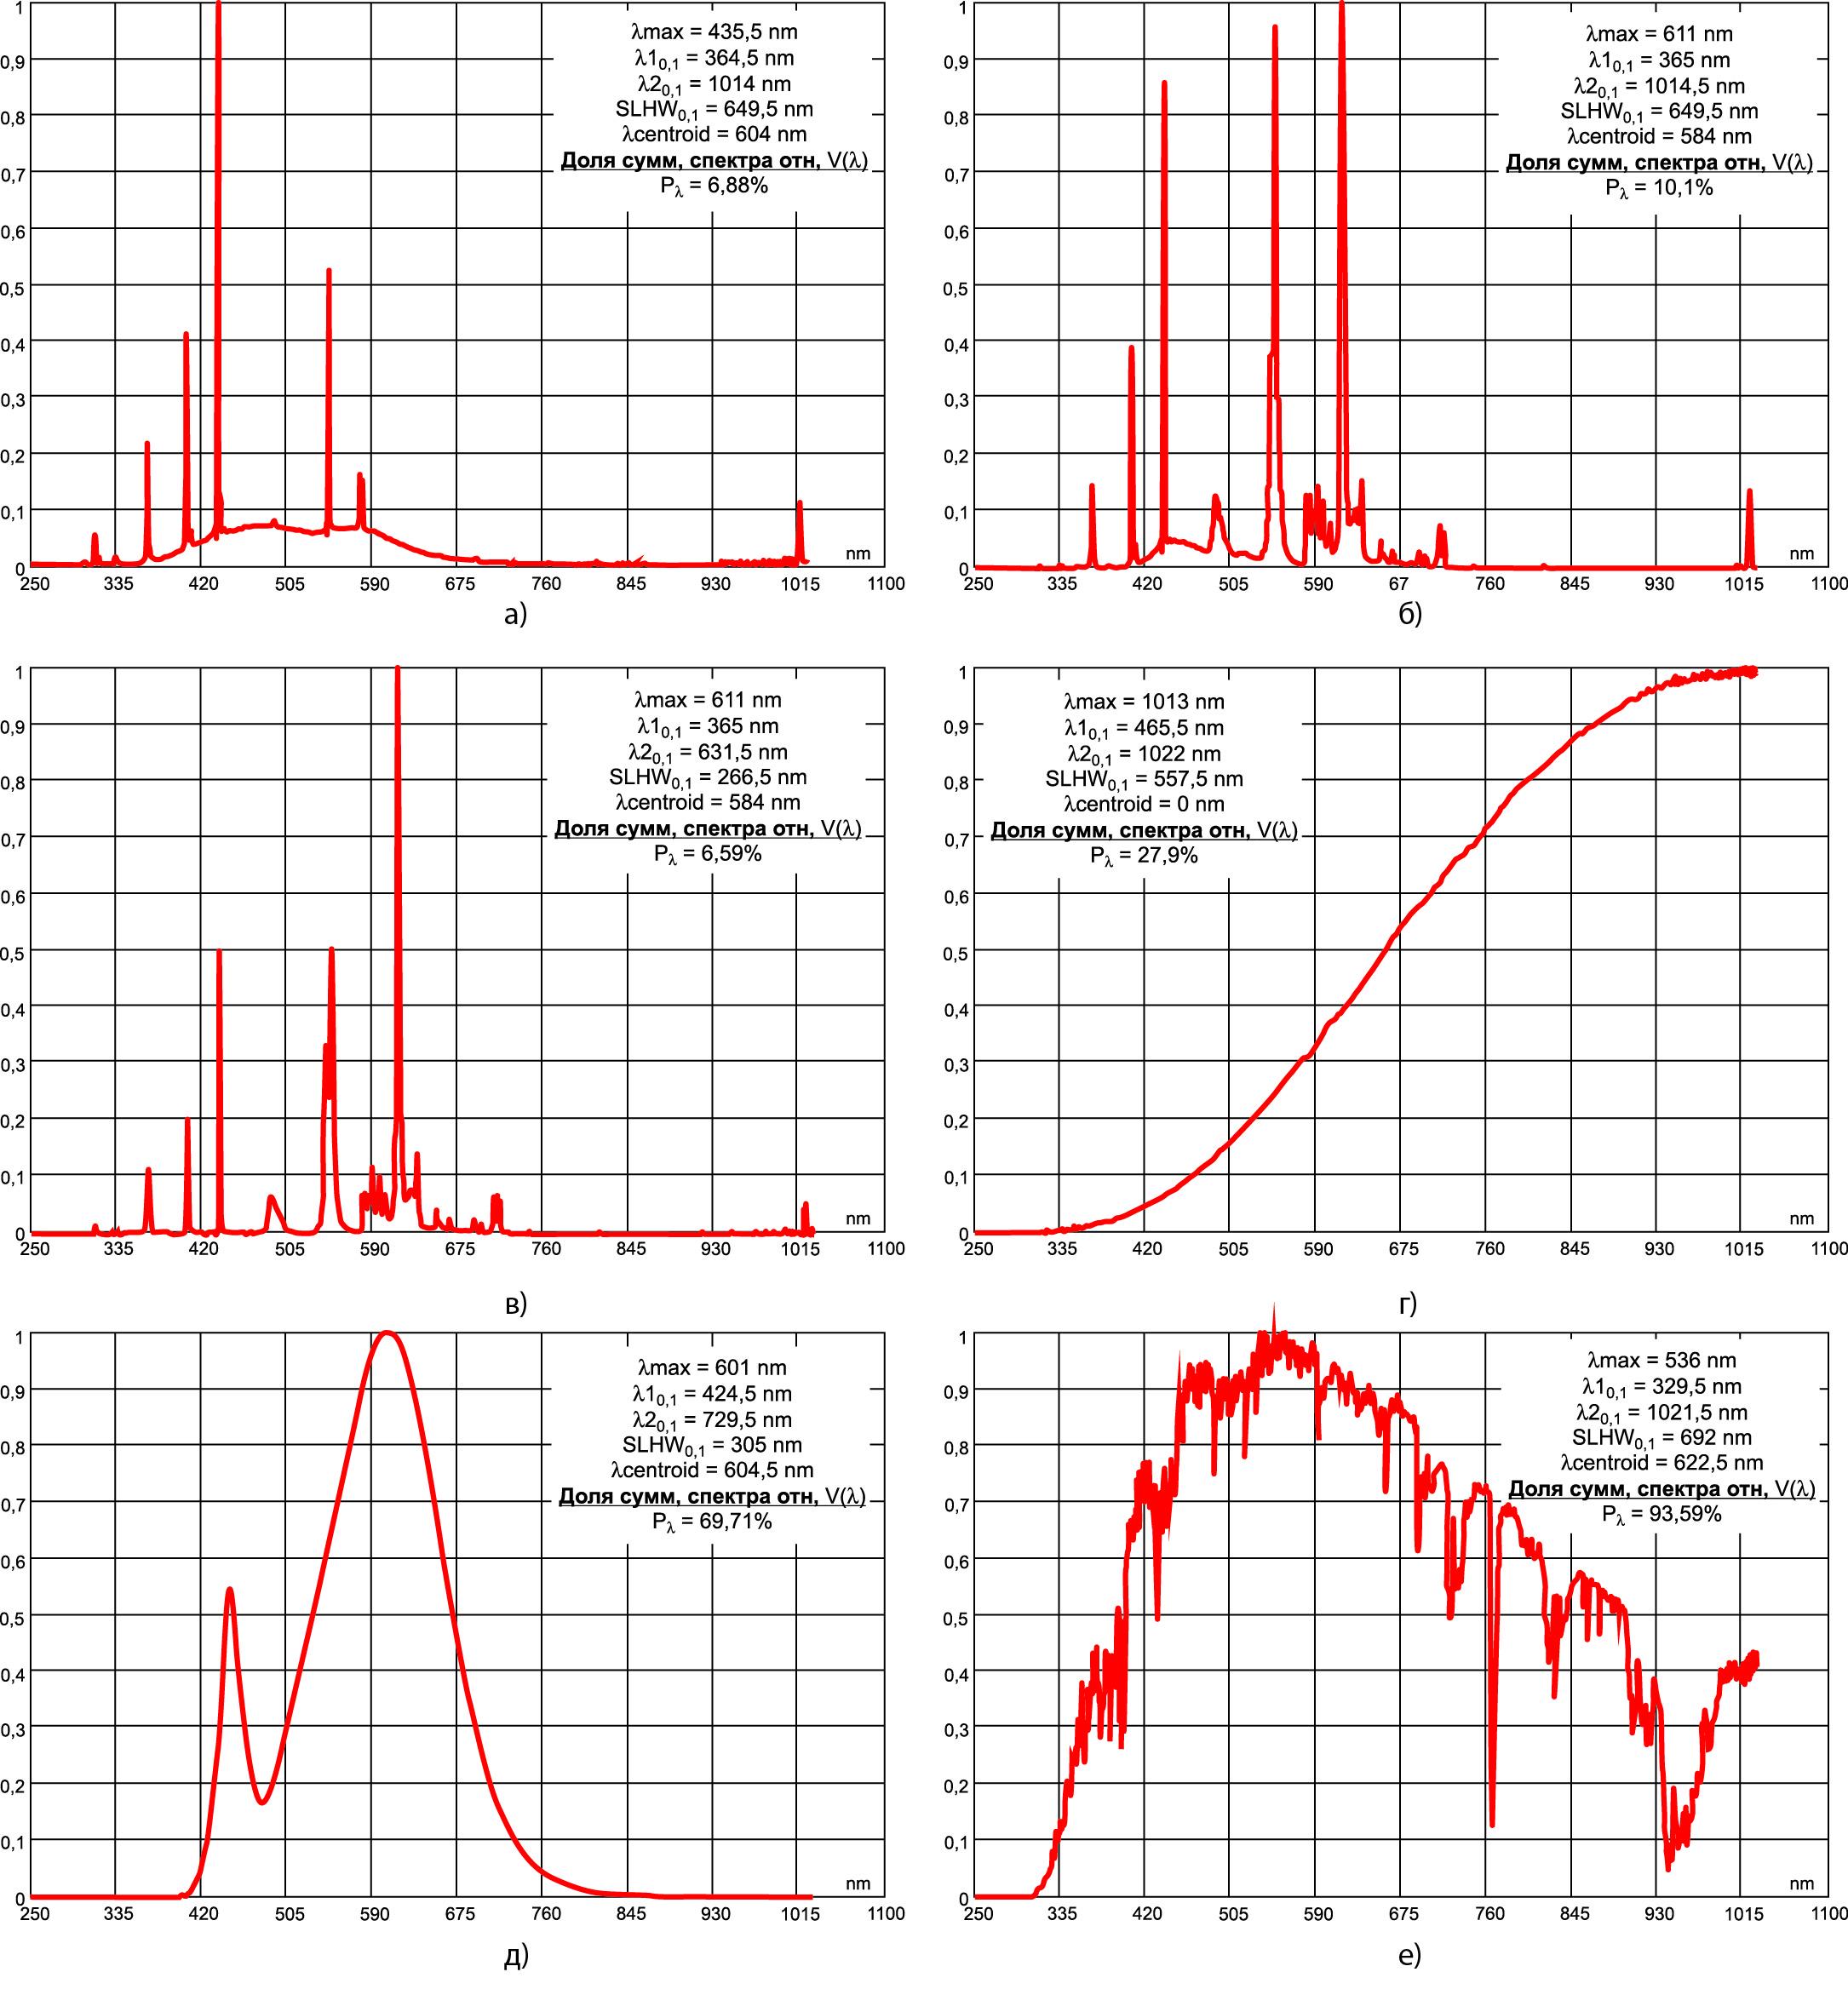 Спектры исследуемых источников излучения: лампа КЛЛ (FixPrice, 37 руб.); лампа КЛЛ торговой марки «Эра»; лампа КЛЛ торговой марки «Экономь» («Старт»); лампа накаливания 100 Вт; светодиодная лампа; Солнце Средней полосы (июль, 15 ч)